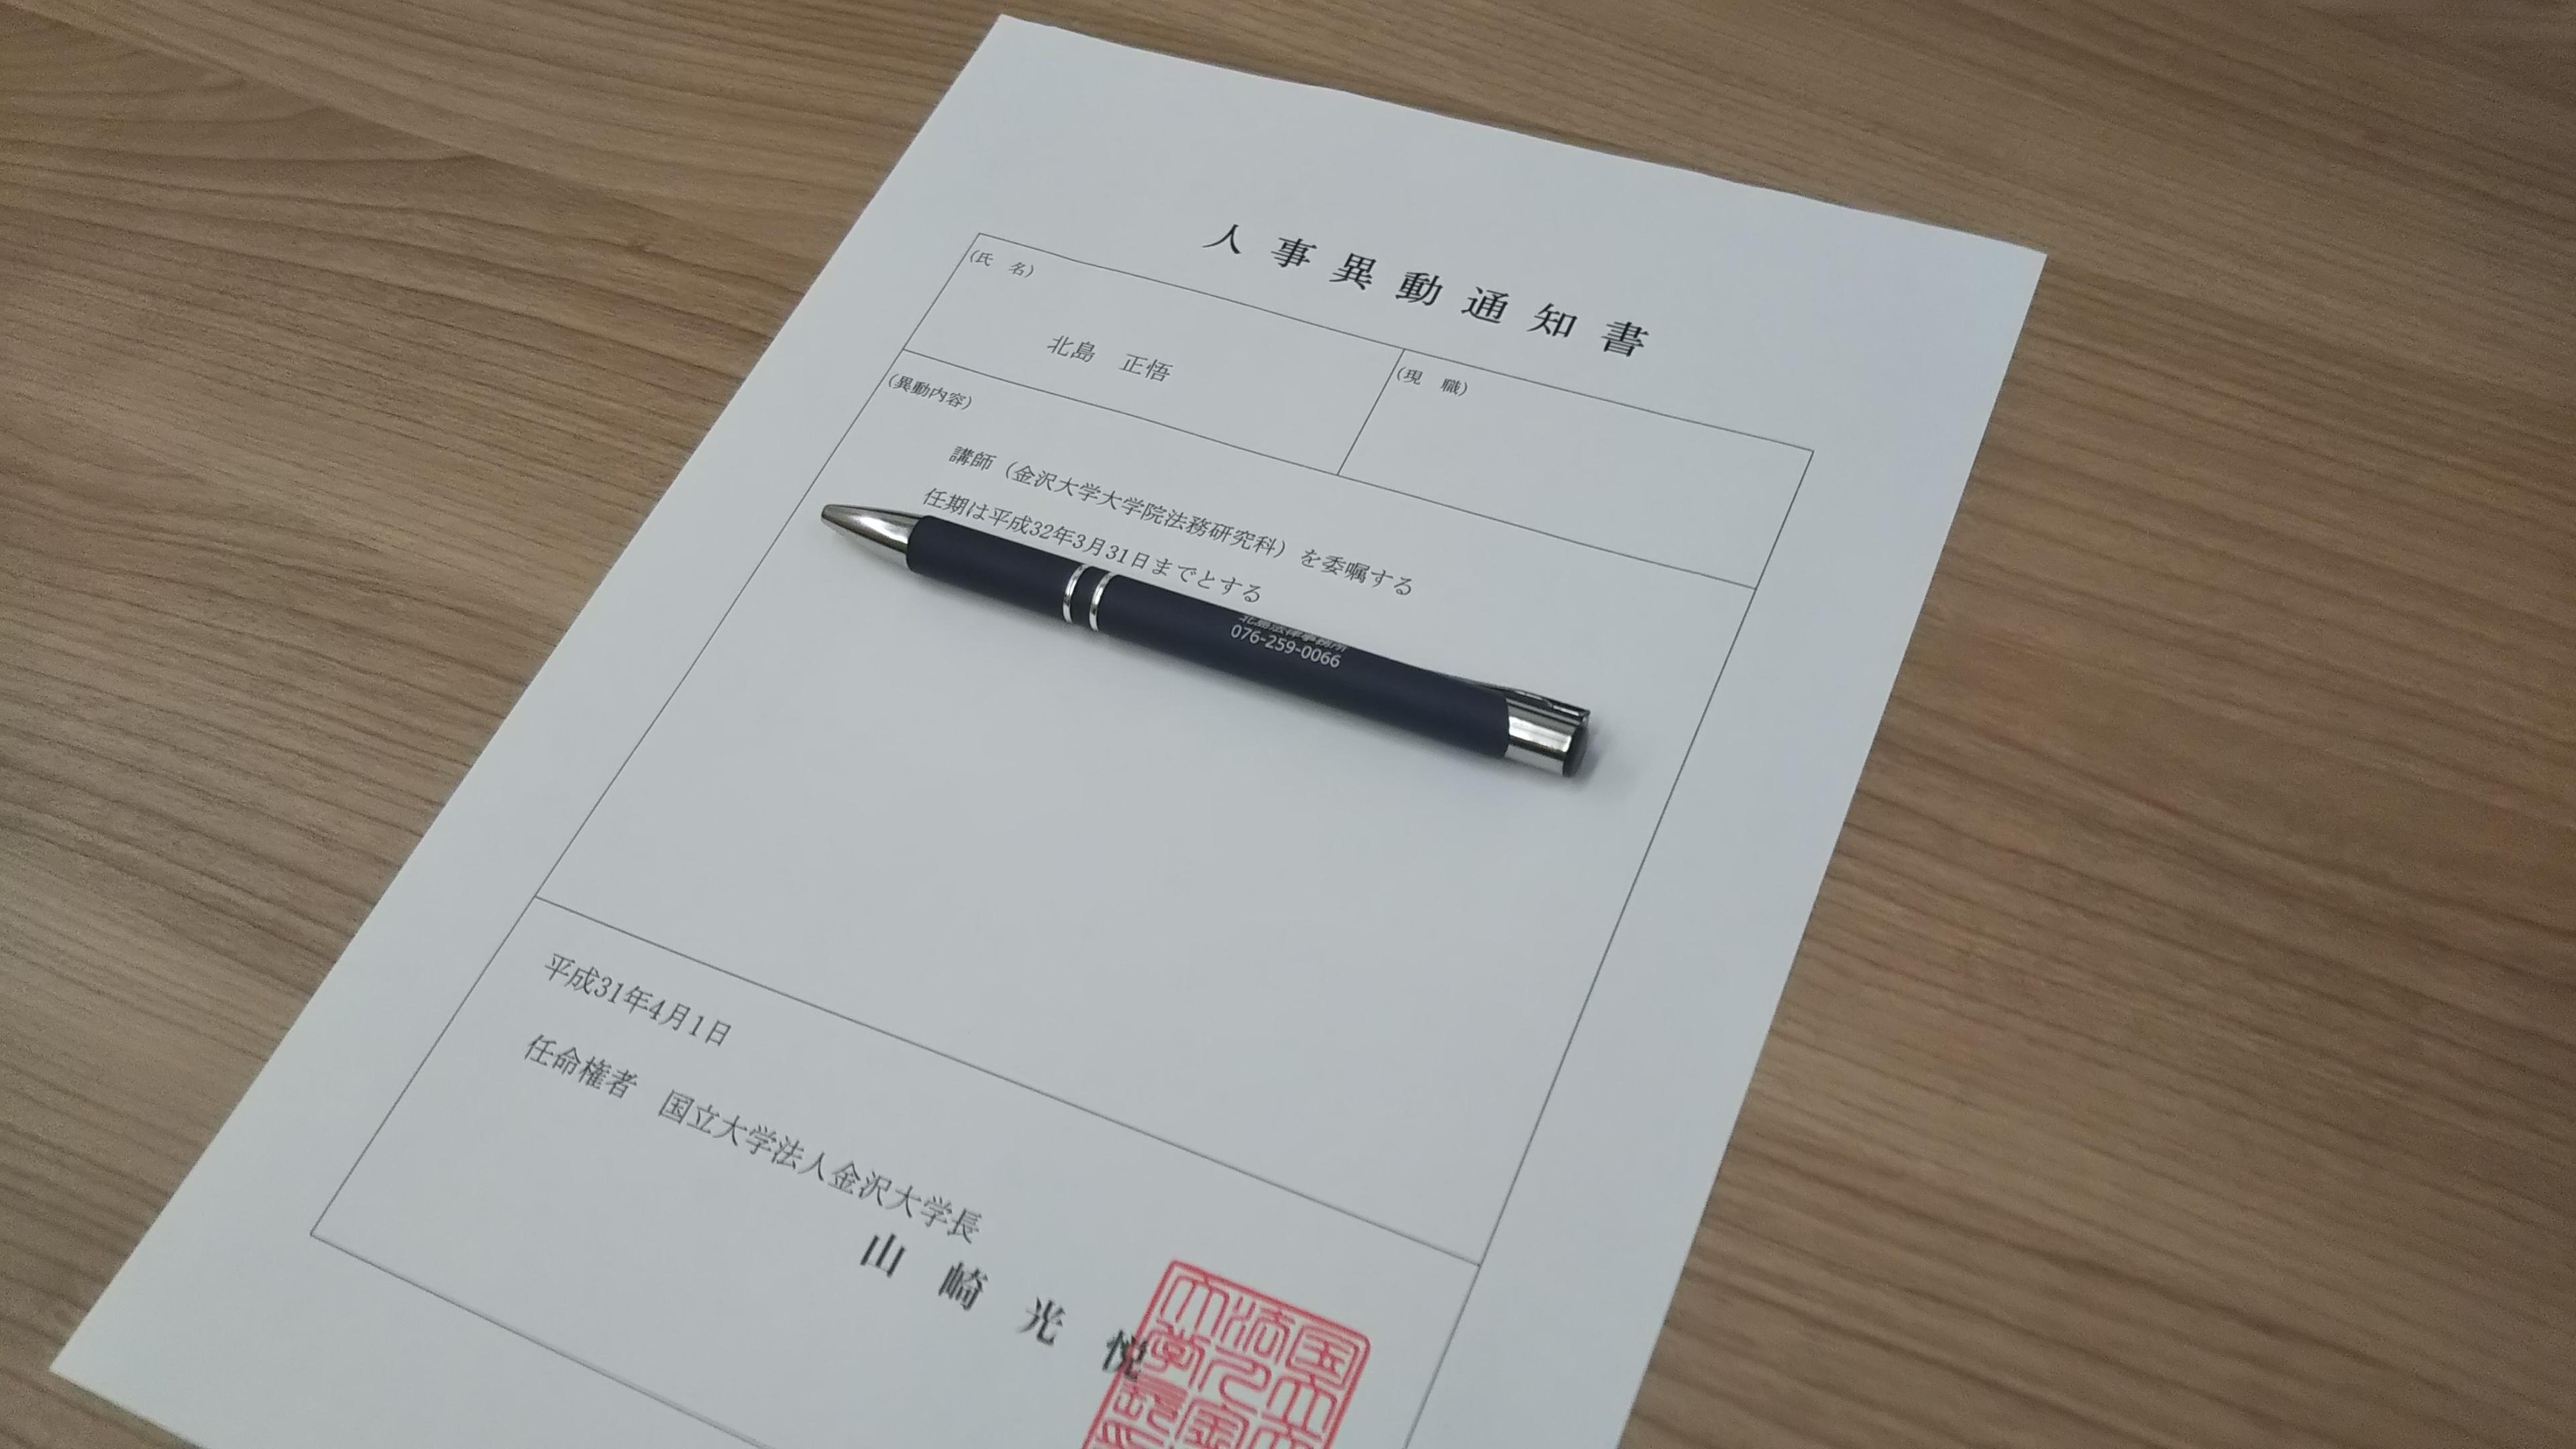 190401 金沢大学辞令